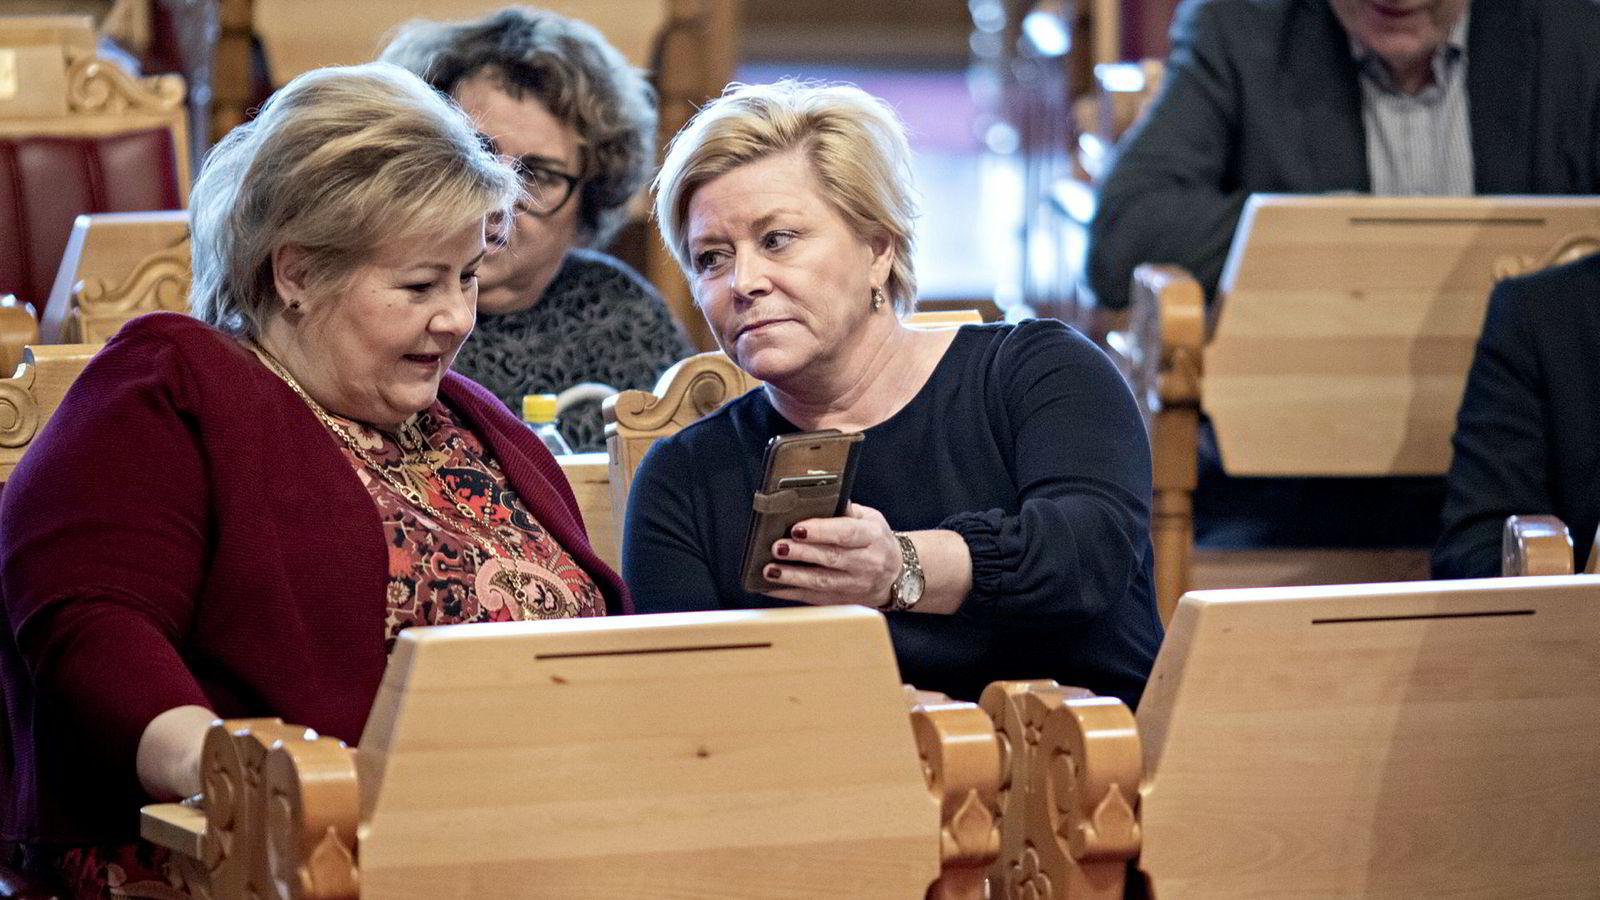 Det nye regjeringslaget – med alle sine kompromisser – debuterte i Stortinget denne uken. Statsminister Erna Solberg (til venstre) leste regjeringserklæringen. Bak sitter KrF-leder Olaug Bollestad. Til høyre er finansminister Siv Jensen (Frp).